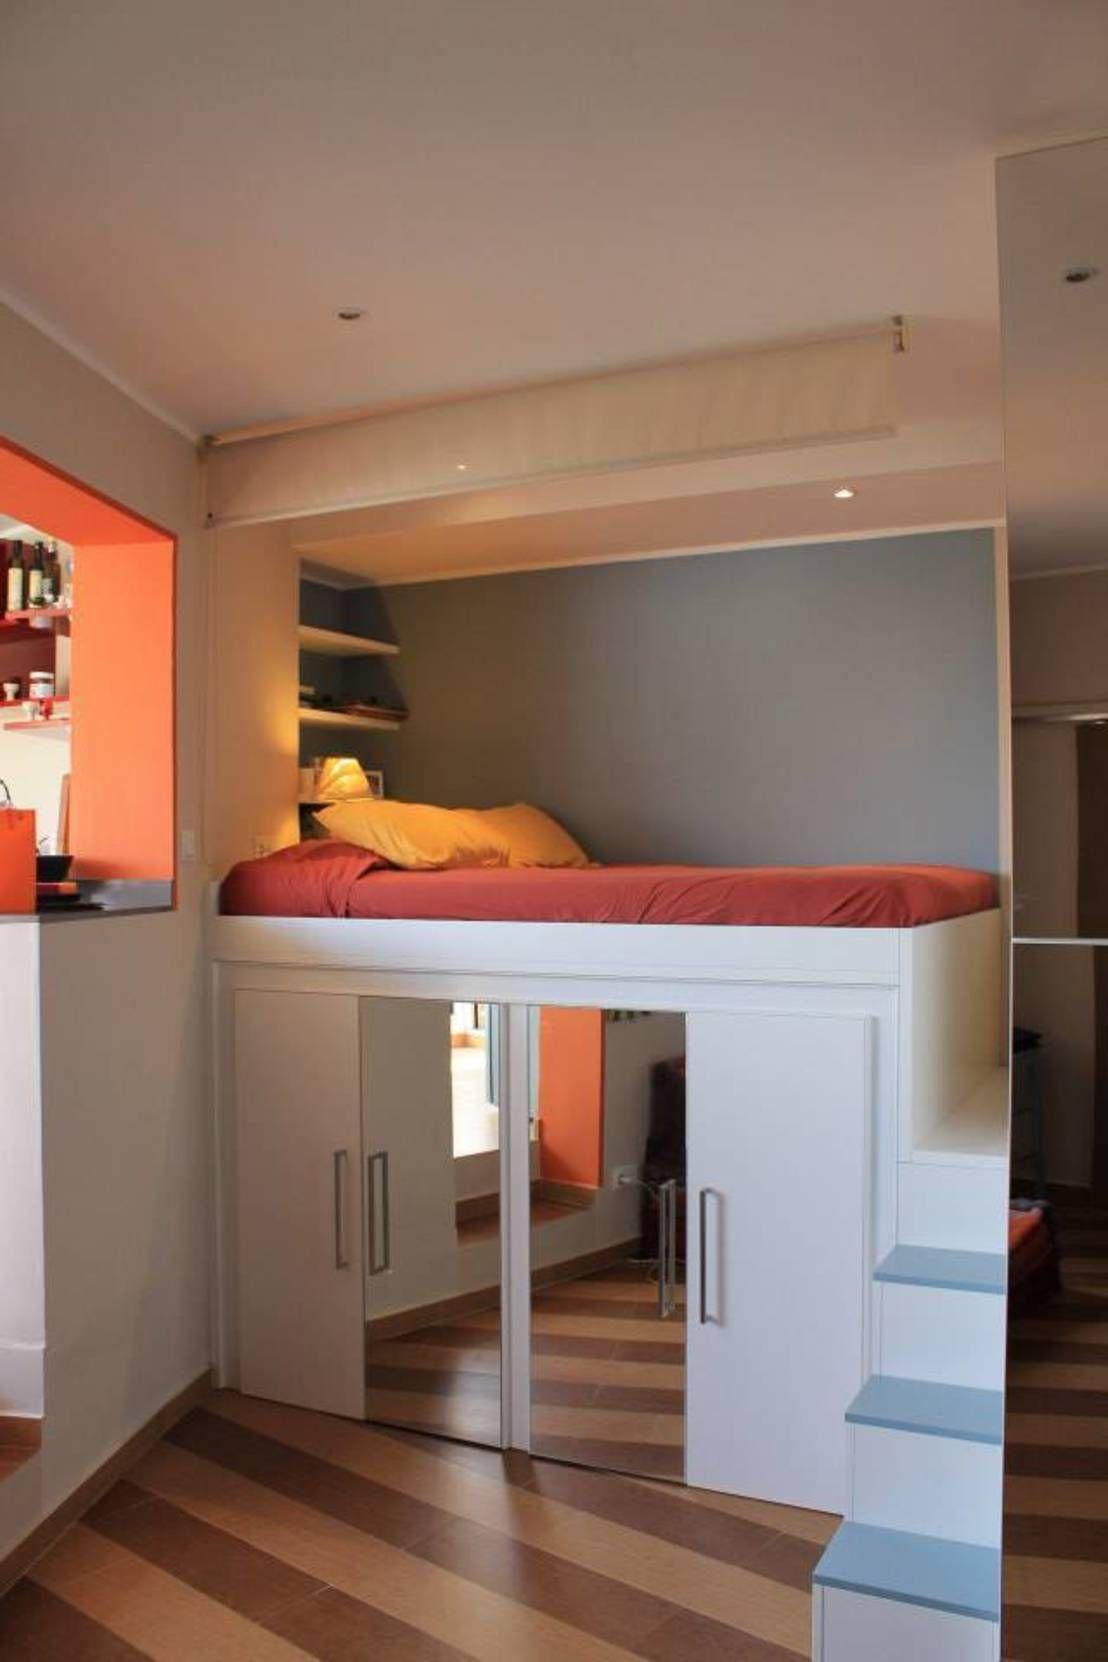 Boys loft bedroom ideas   ideas para optimizar el espacio en casas pequeñas  Bedrooms